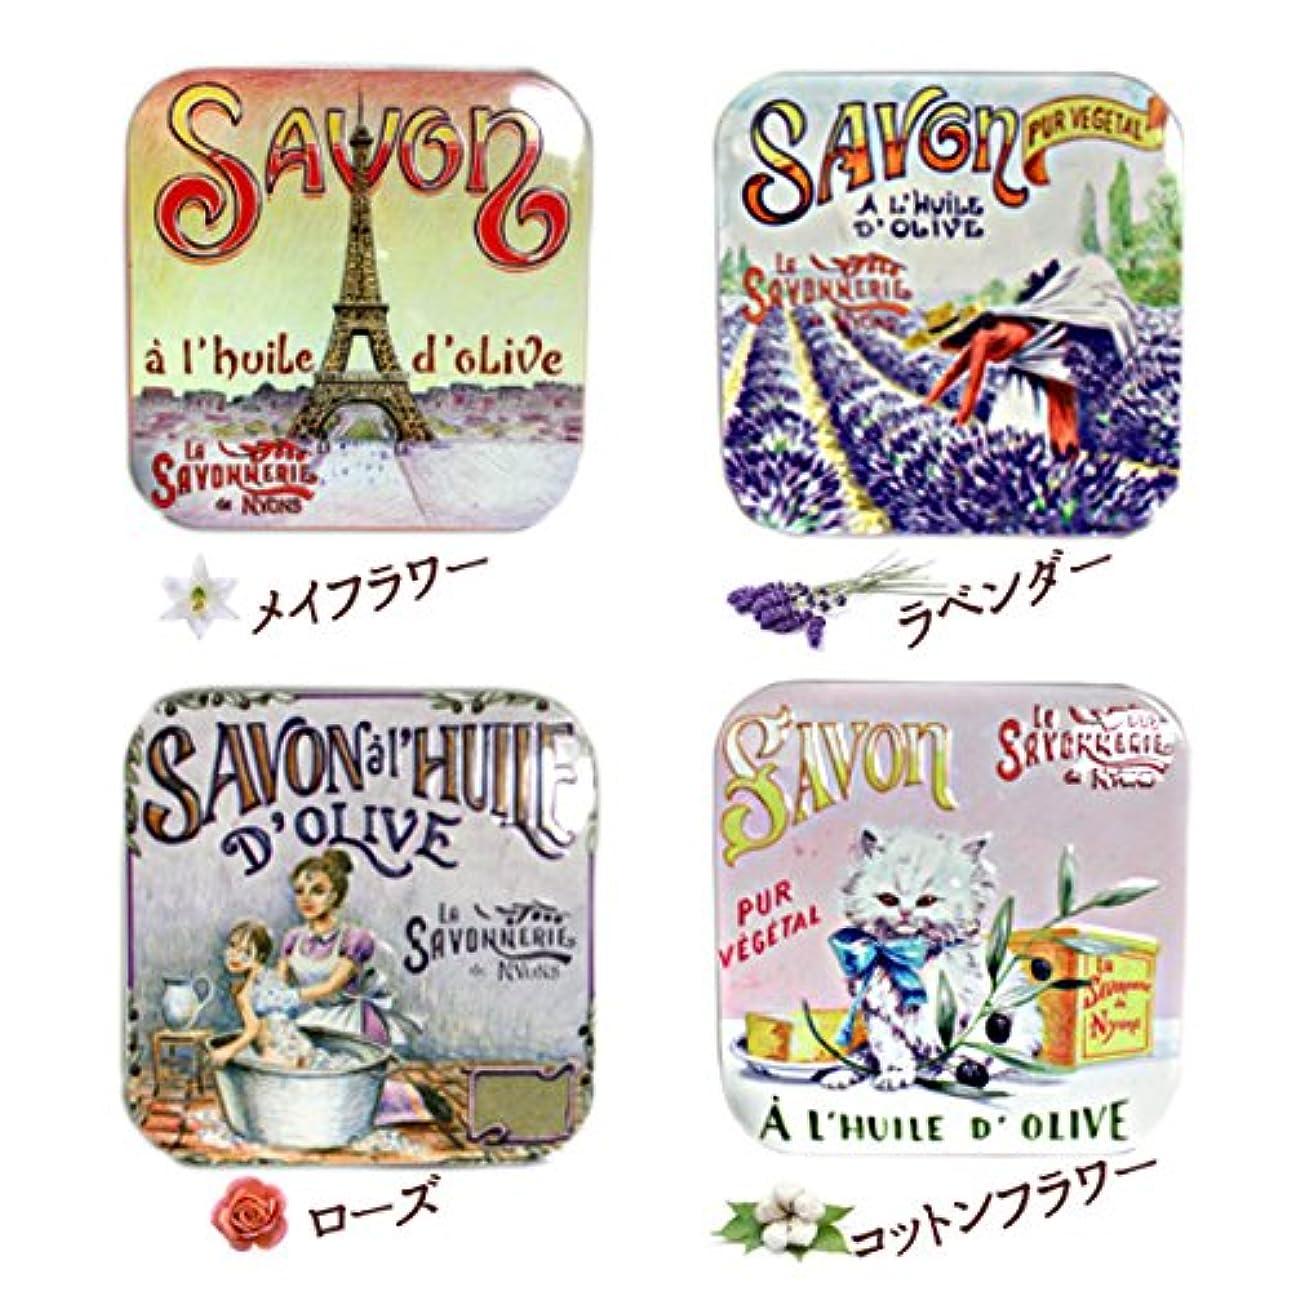 ダンプガラガラ過言ラサボネリー アンティーク缶入り石鹸 タイプ100 95g (ローズ)